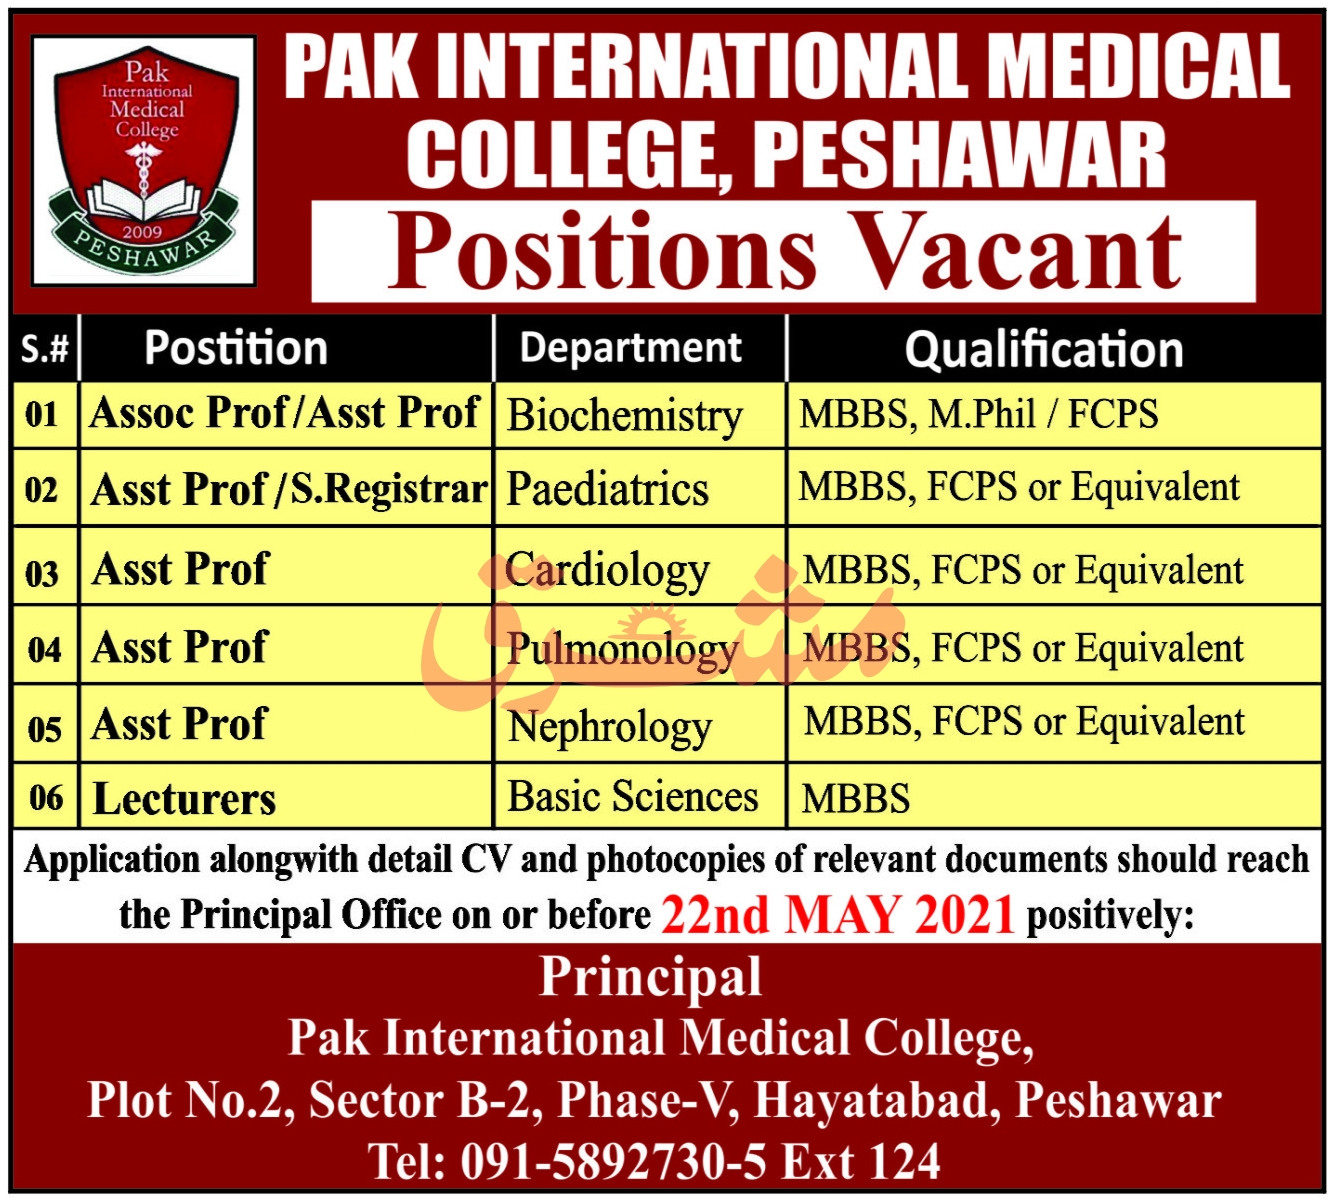 Pak International Medical College Peshawar Jobs 2021